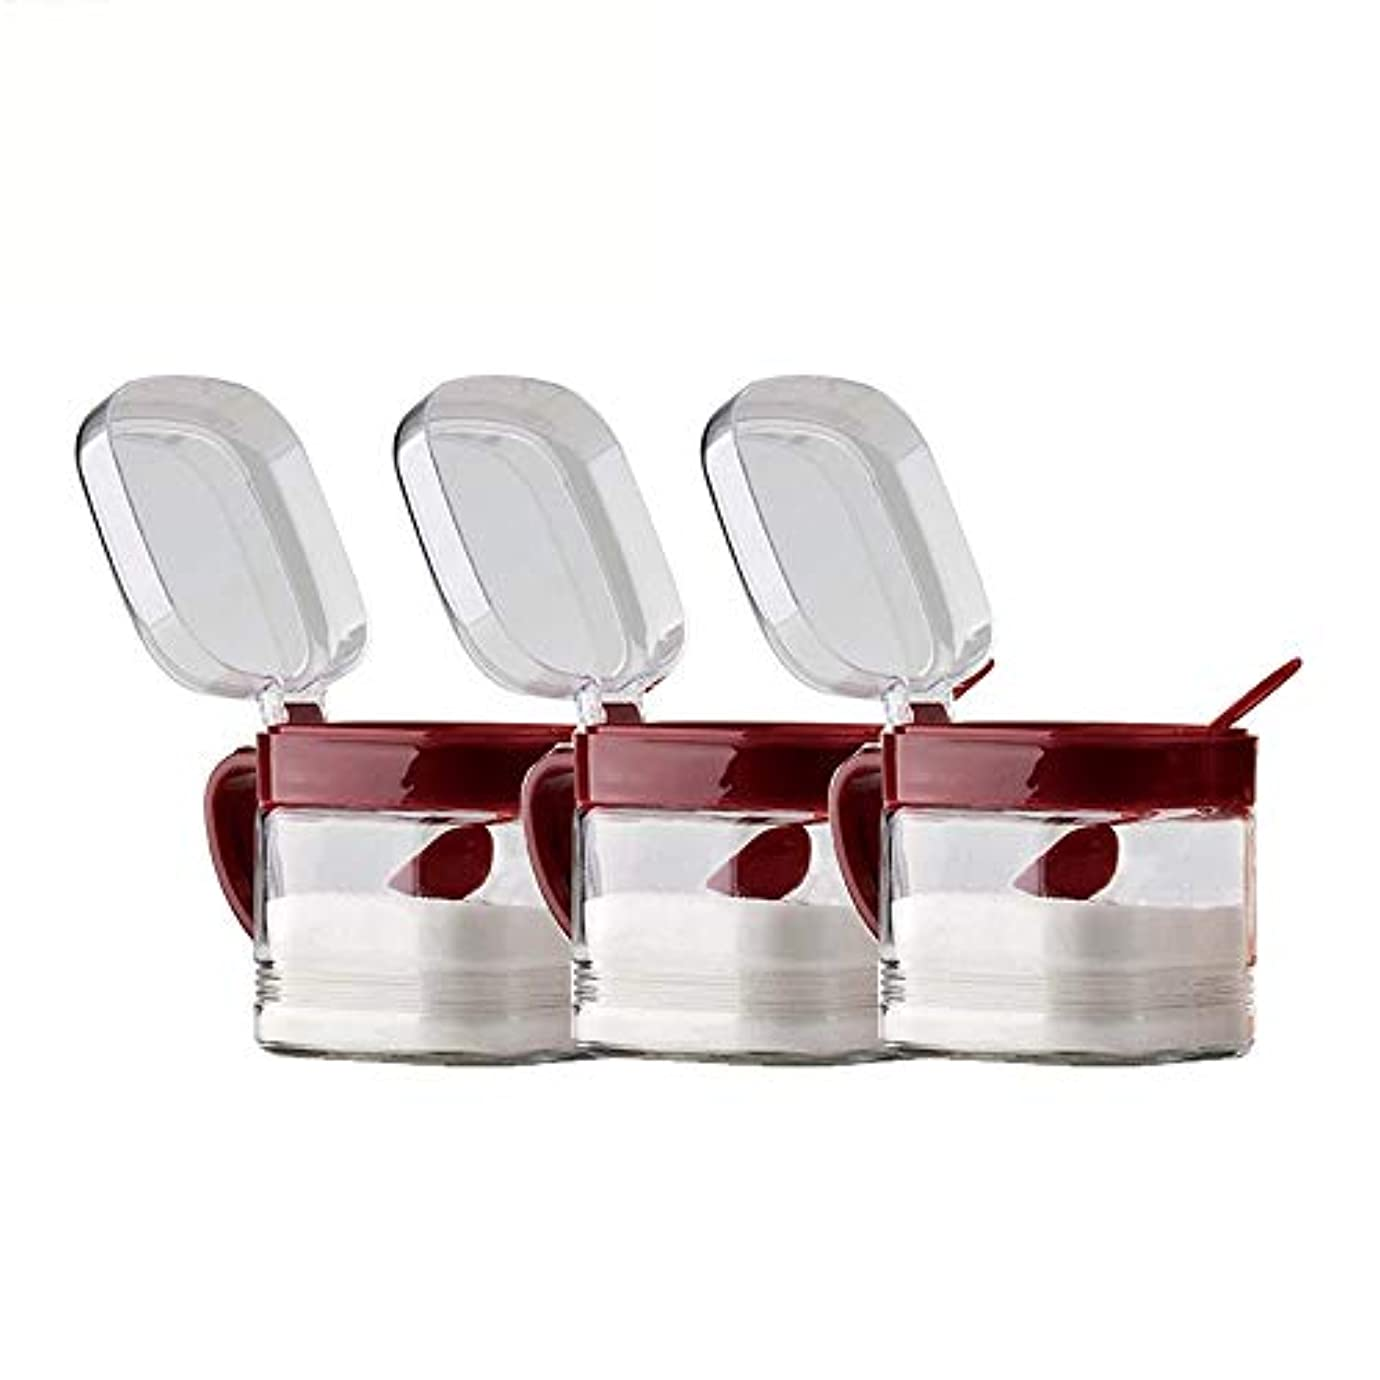 周り優雅伝染性HIZLJJ ミニクリップトップガラス瓶装飾容器調味料ボトルガラス調味料ボックス家庭用塩ポット砂糖MSG調味料ボトルソース収納ボックススパイスジャー